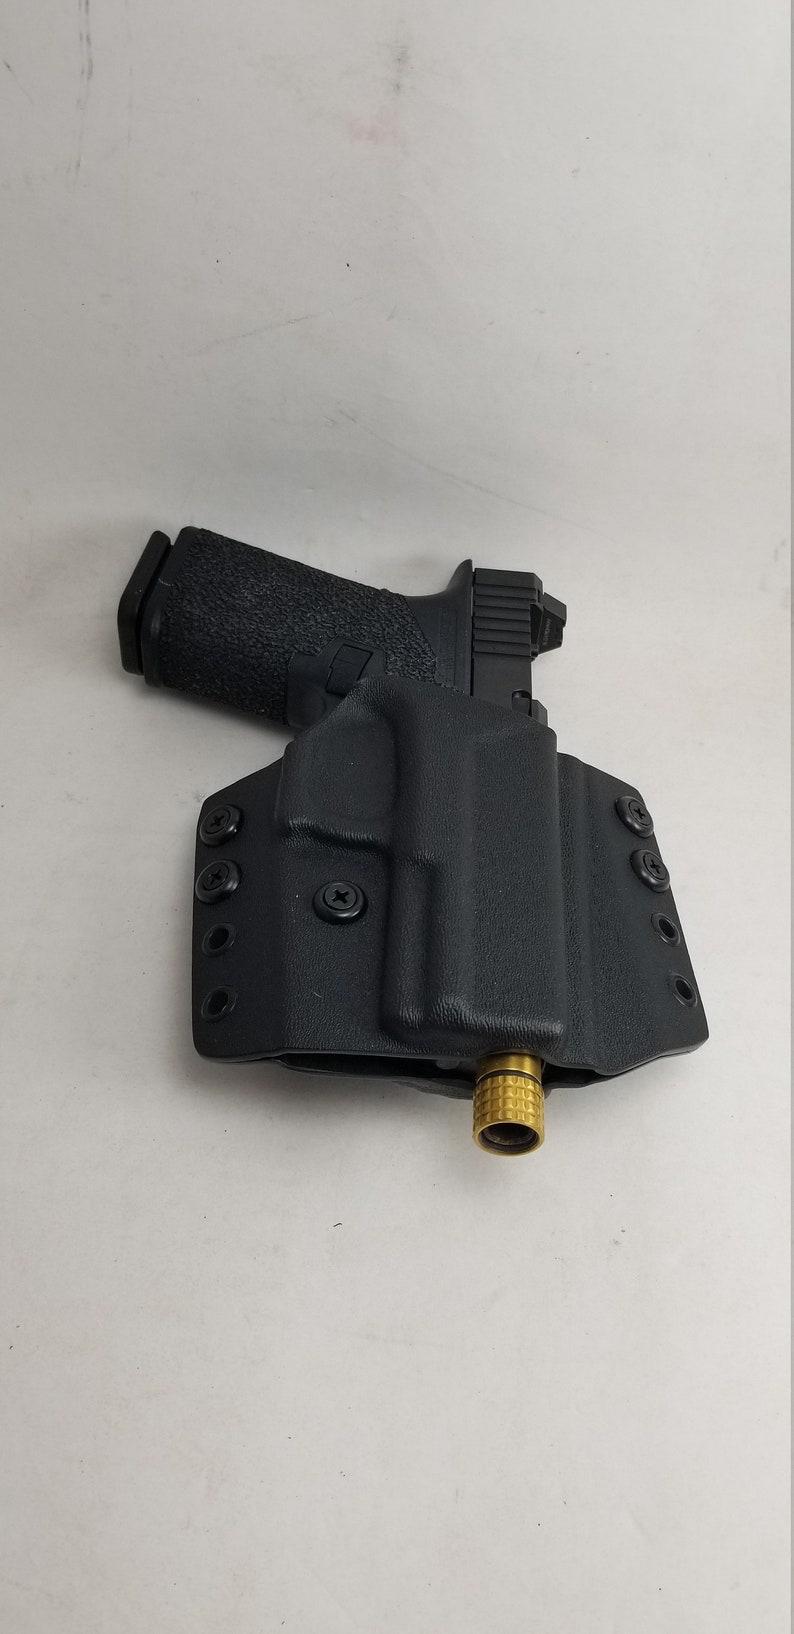 OWB holster p80 glock 34 pf940v2